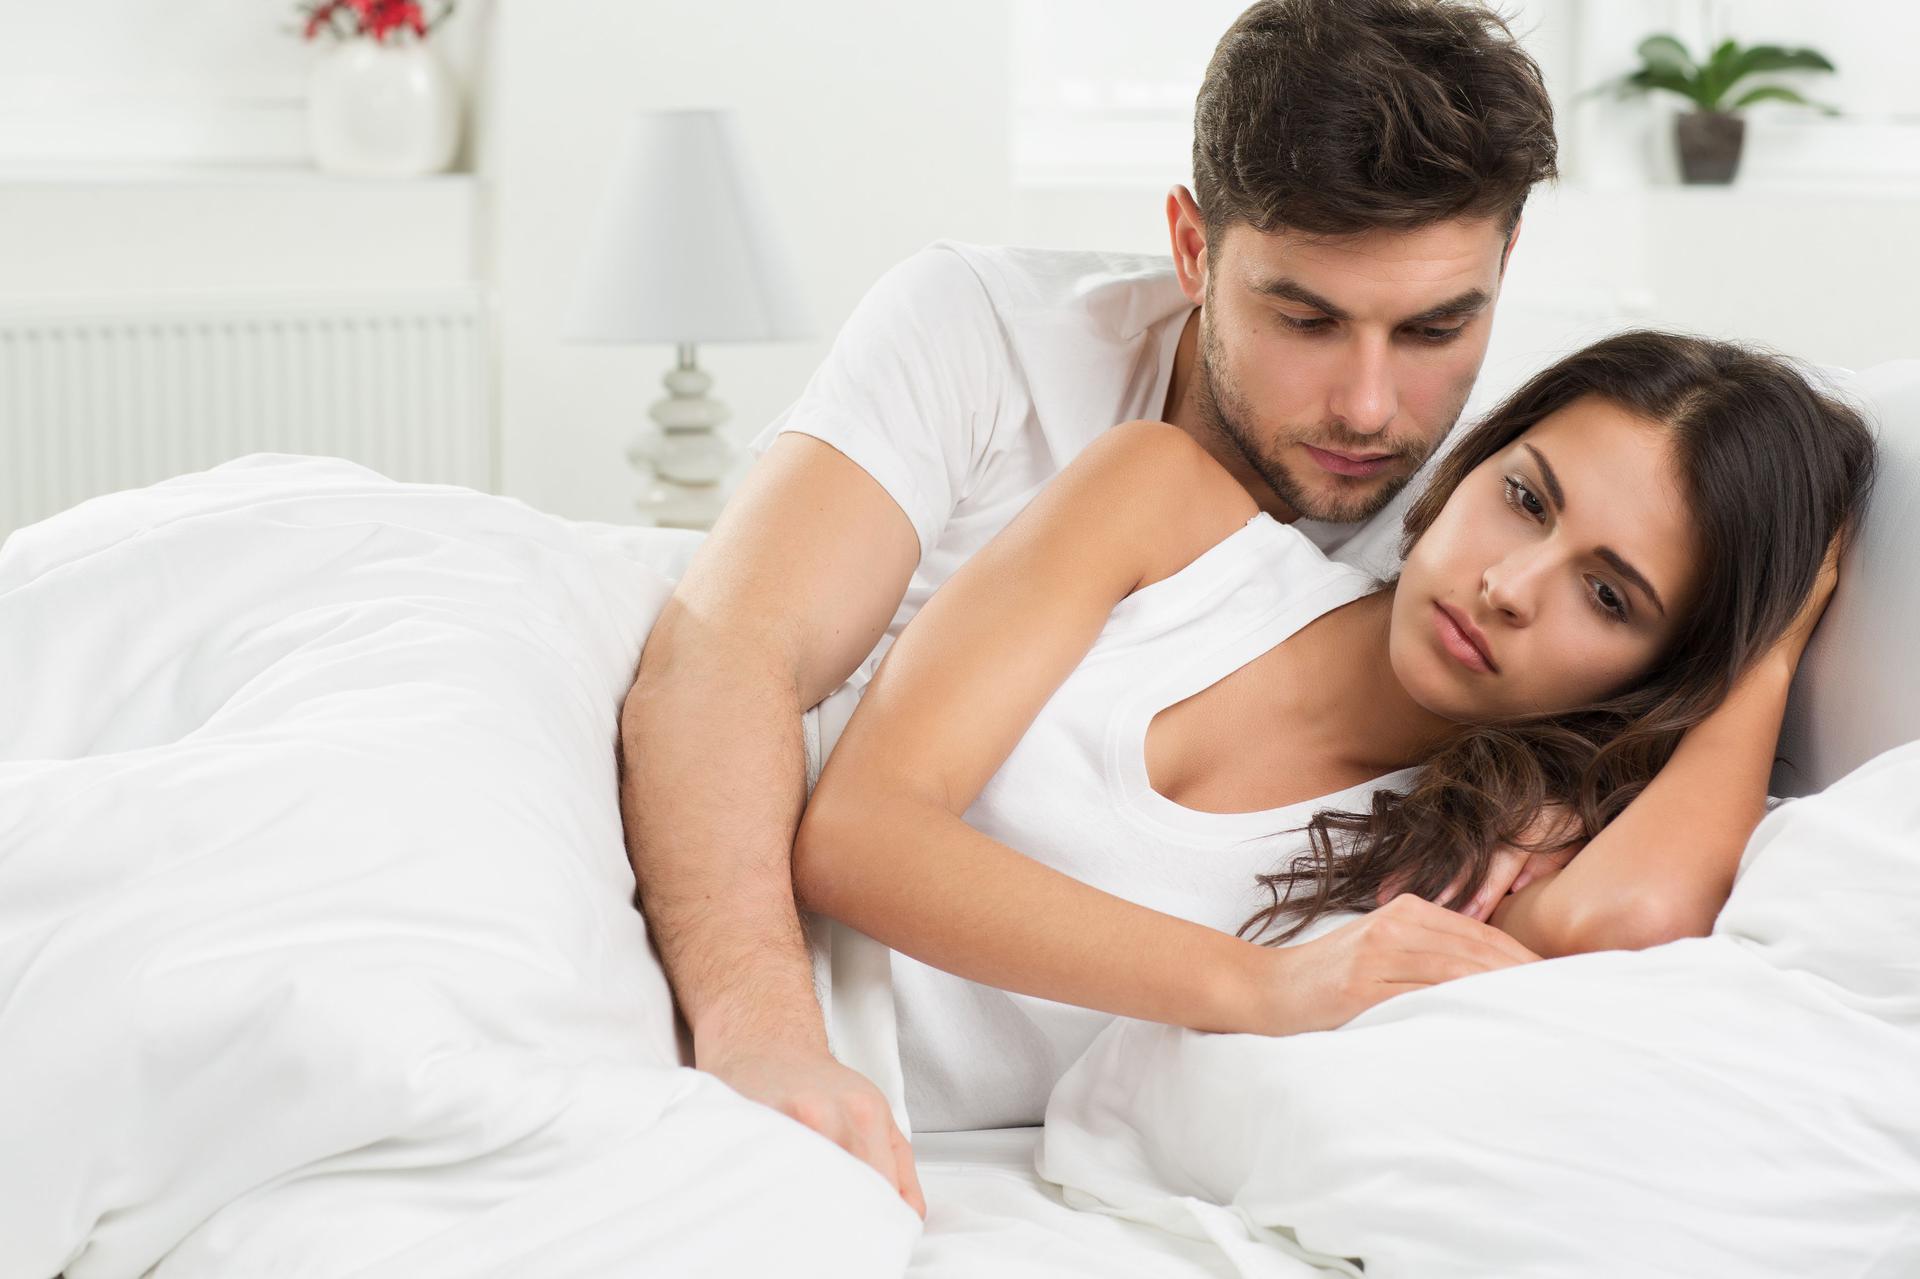 Jak zmienia się erekcja — 20, 30, 40, 50+? - portal heylady.pl